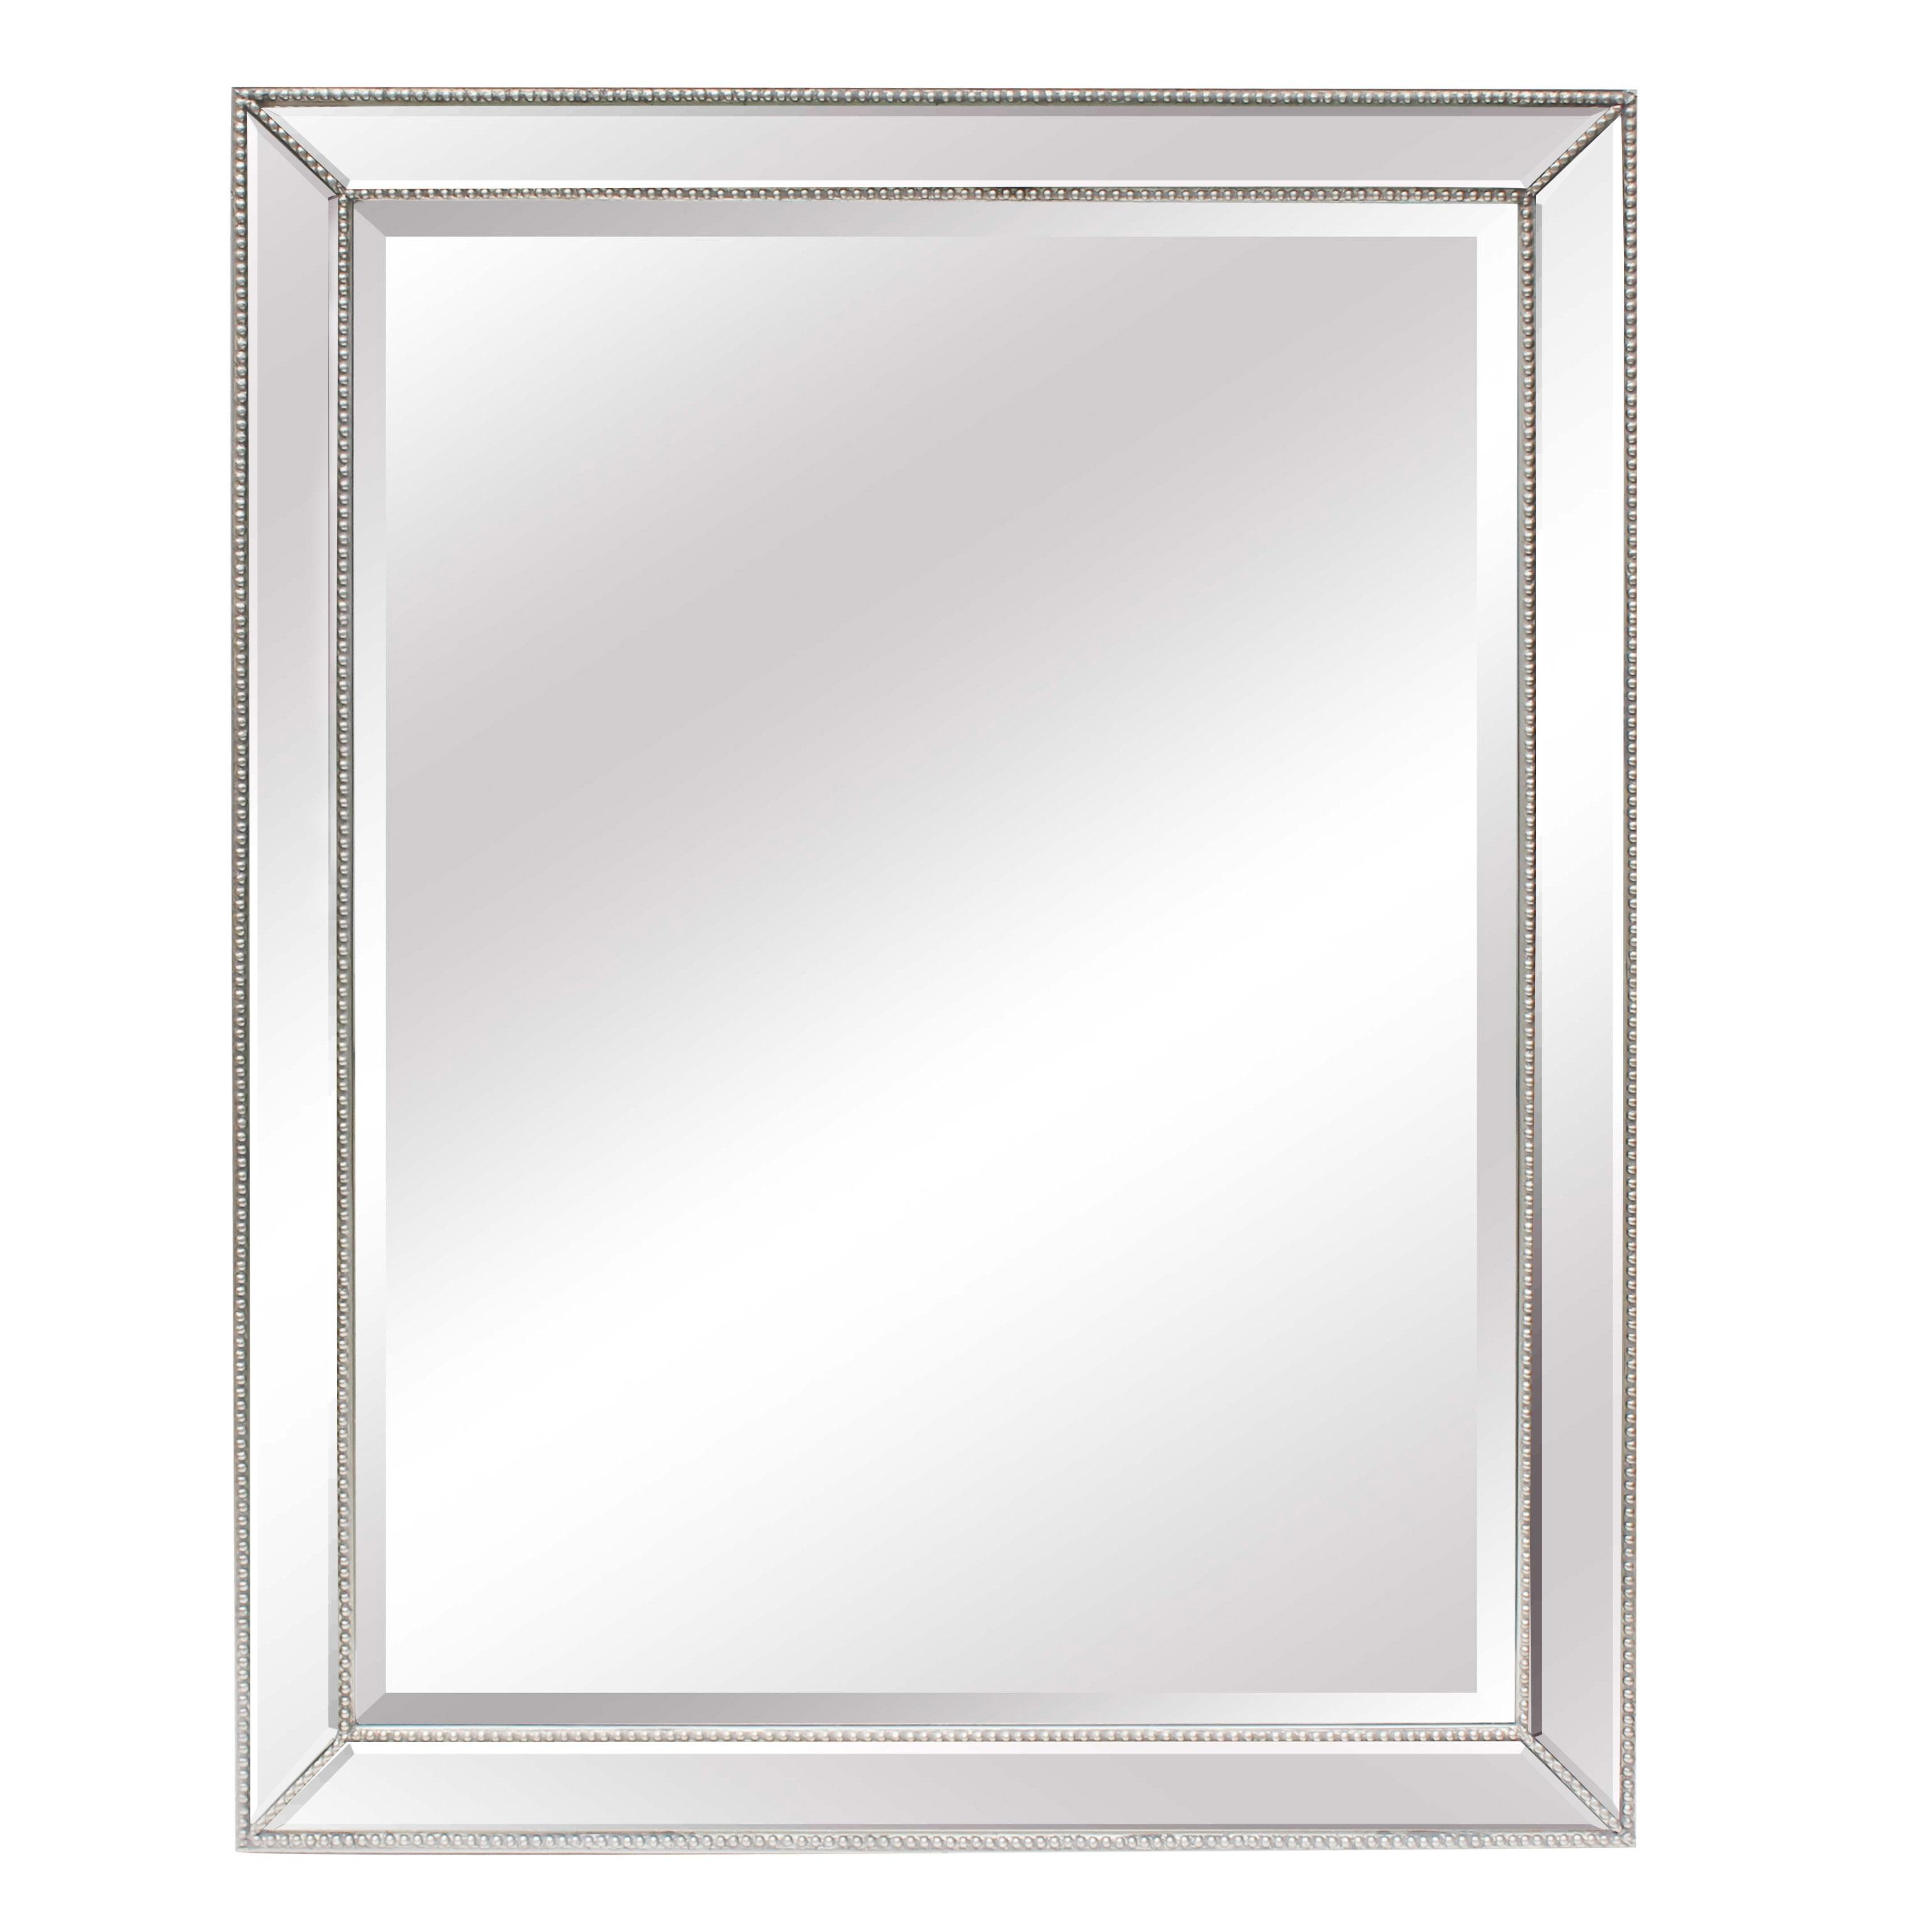 Chanpagne Silver Cushioned Venetian Mirror